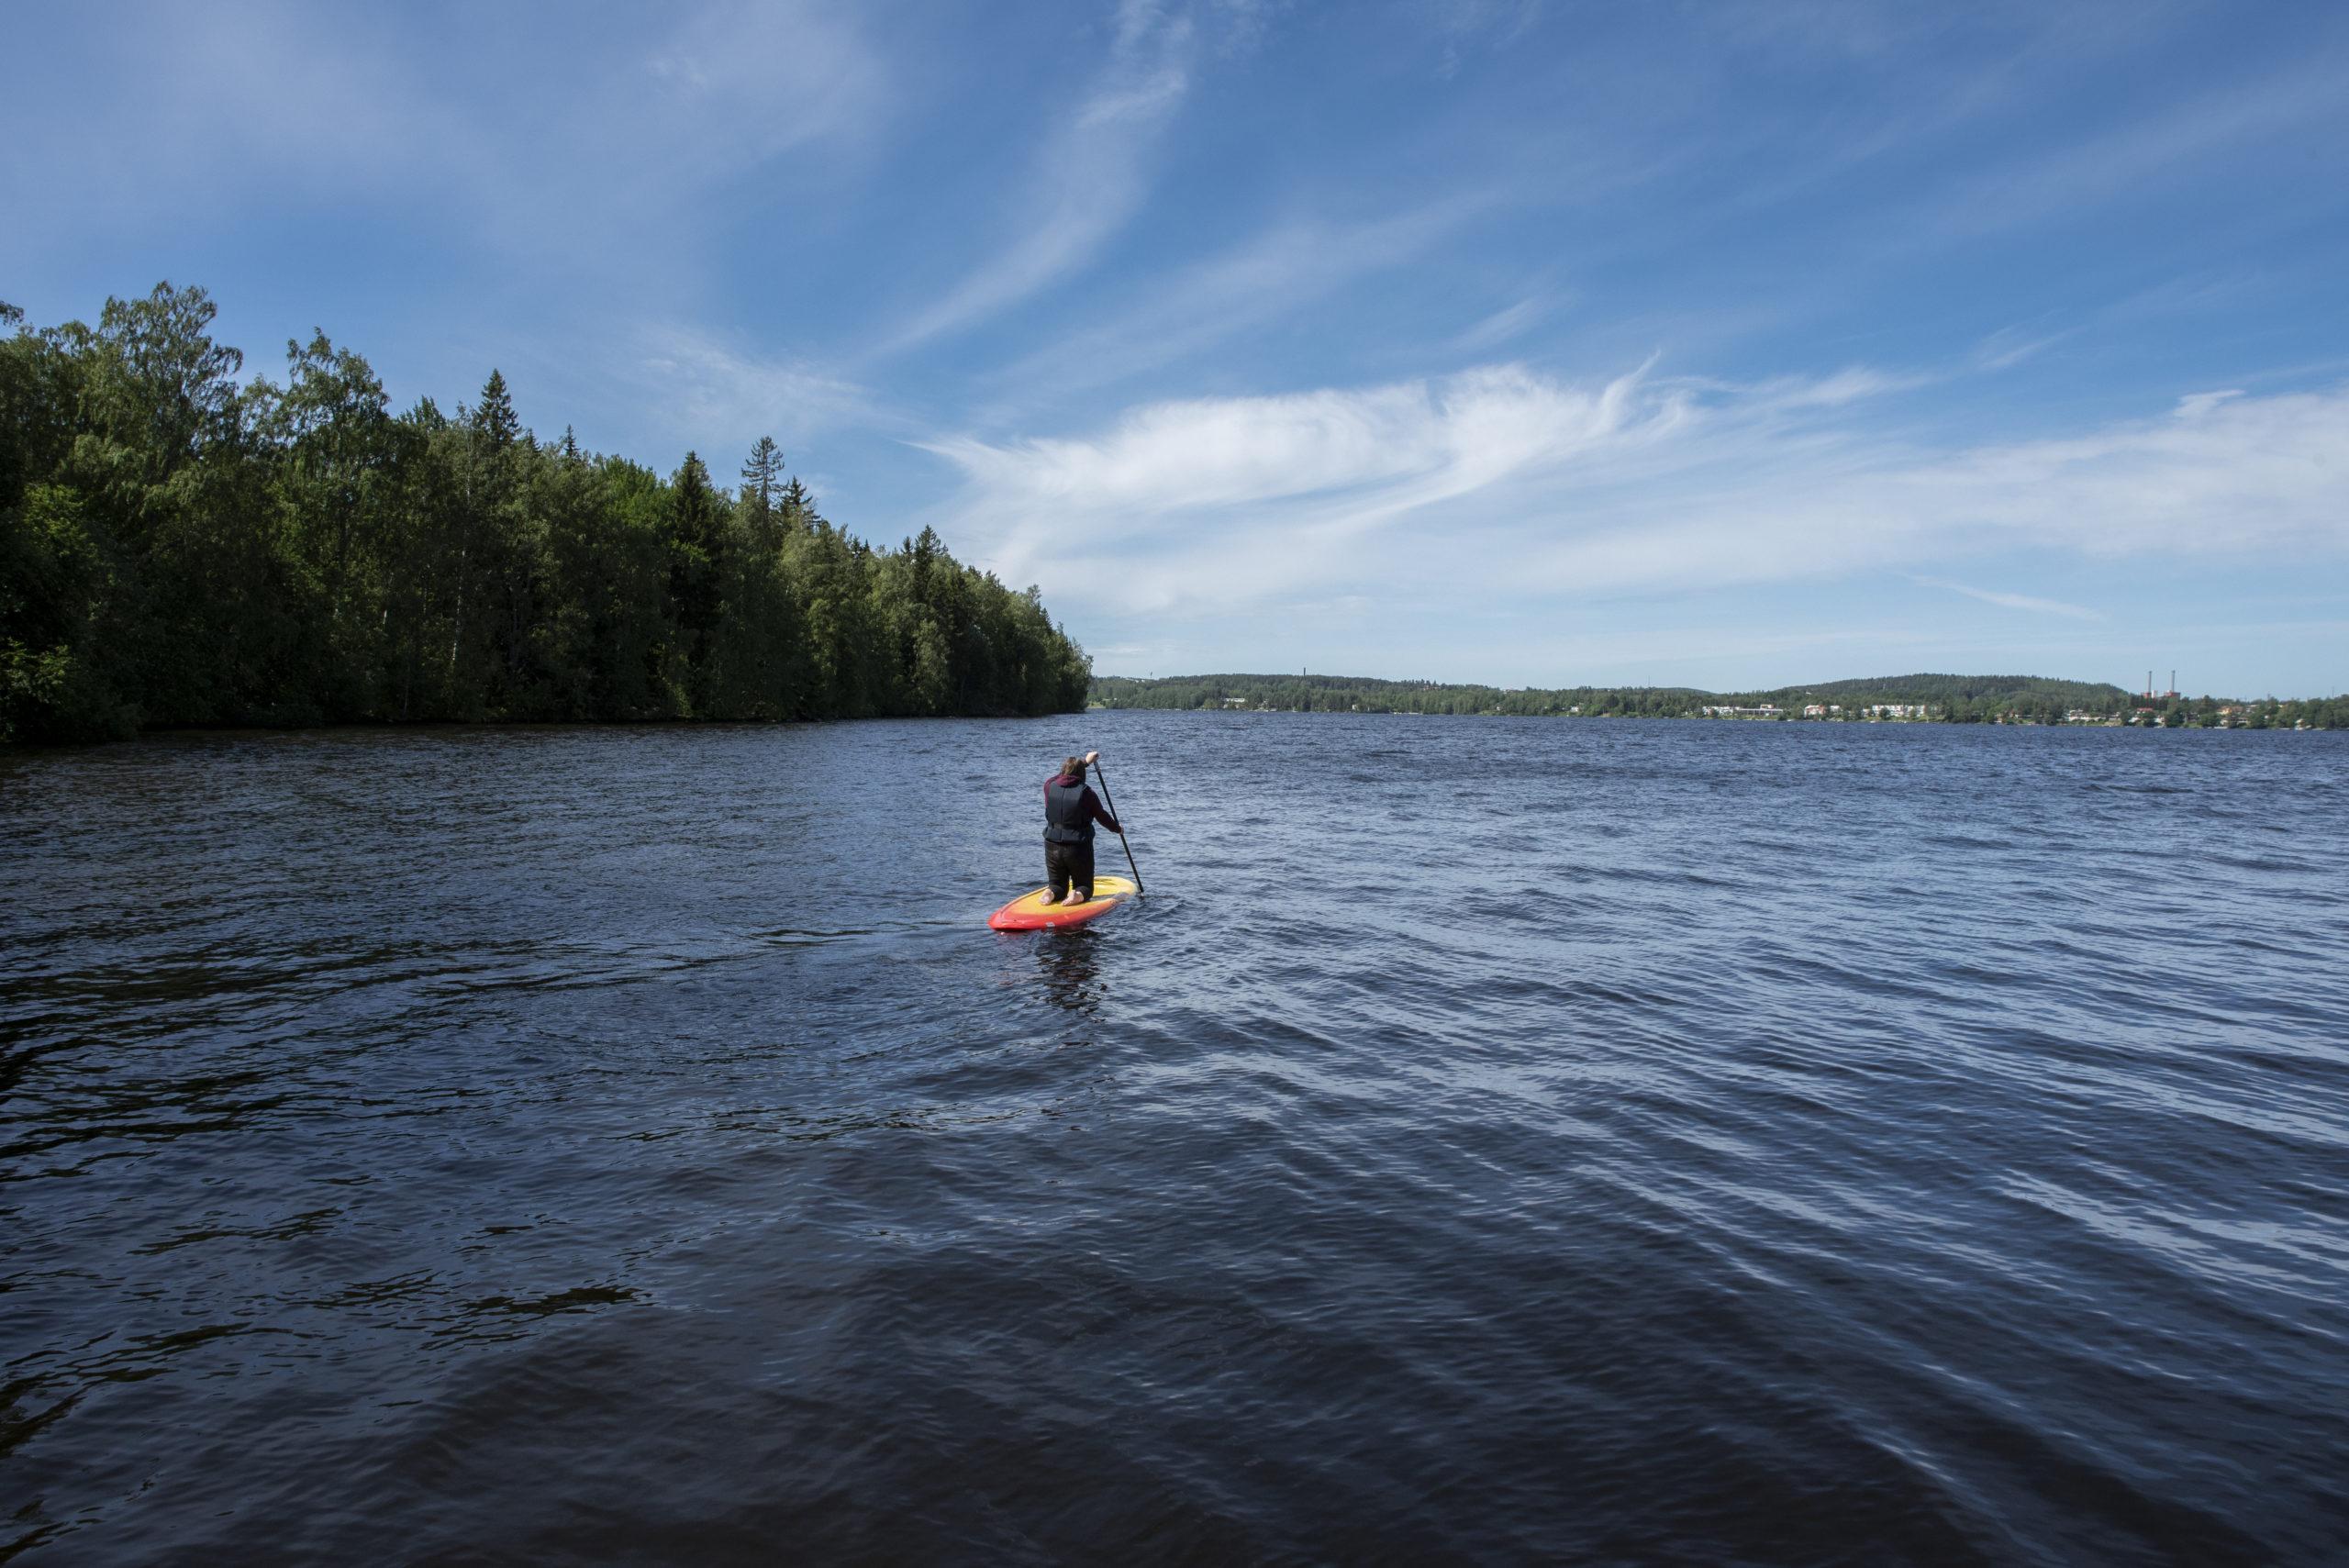 Henkilö suppailemassa järvellä.